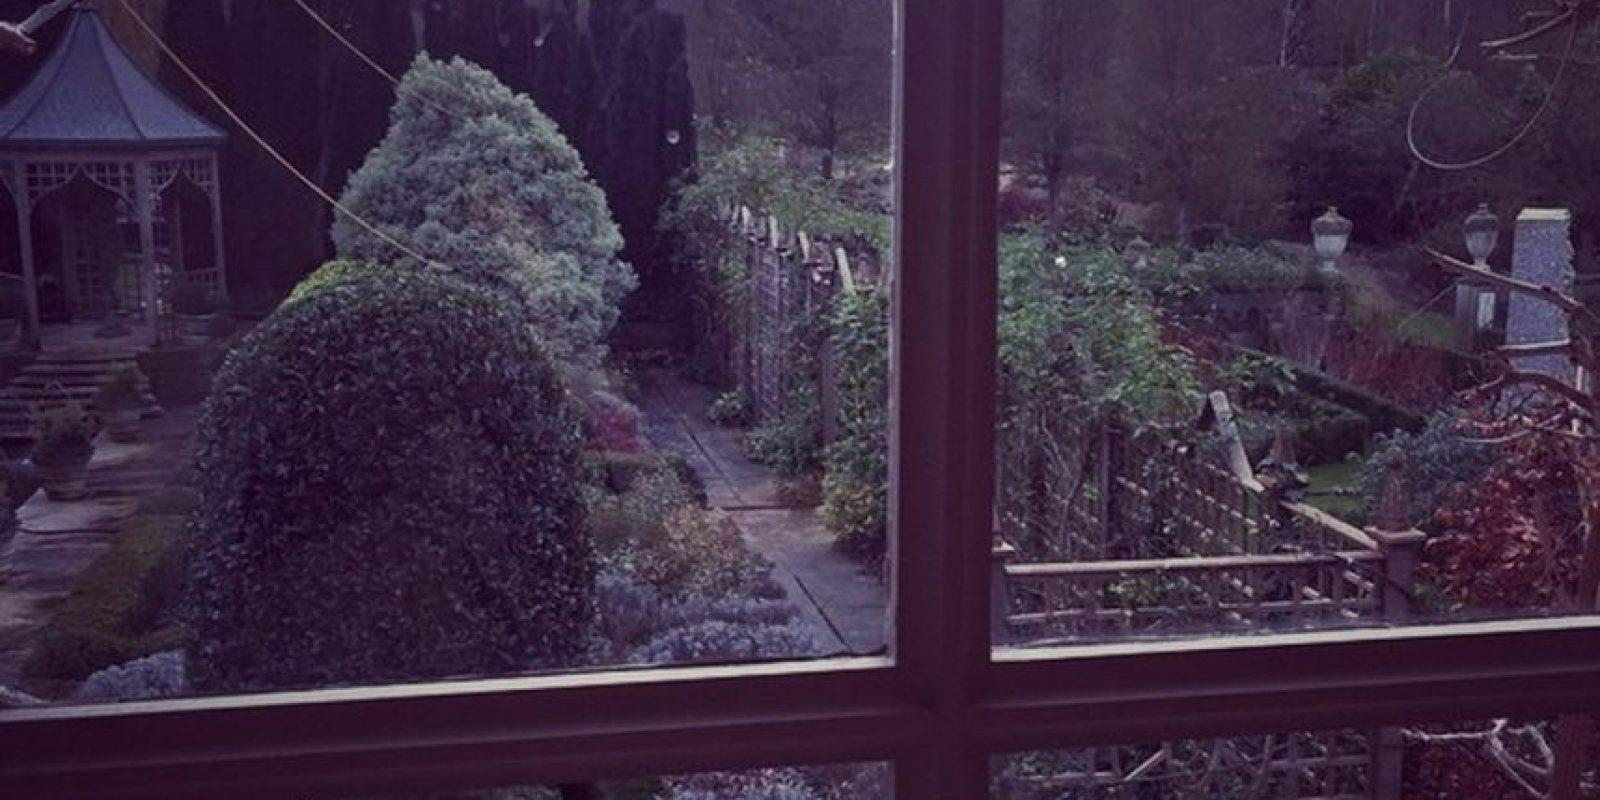 El lugar donde se casaron Foto:Instagram @eltonjohn